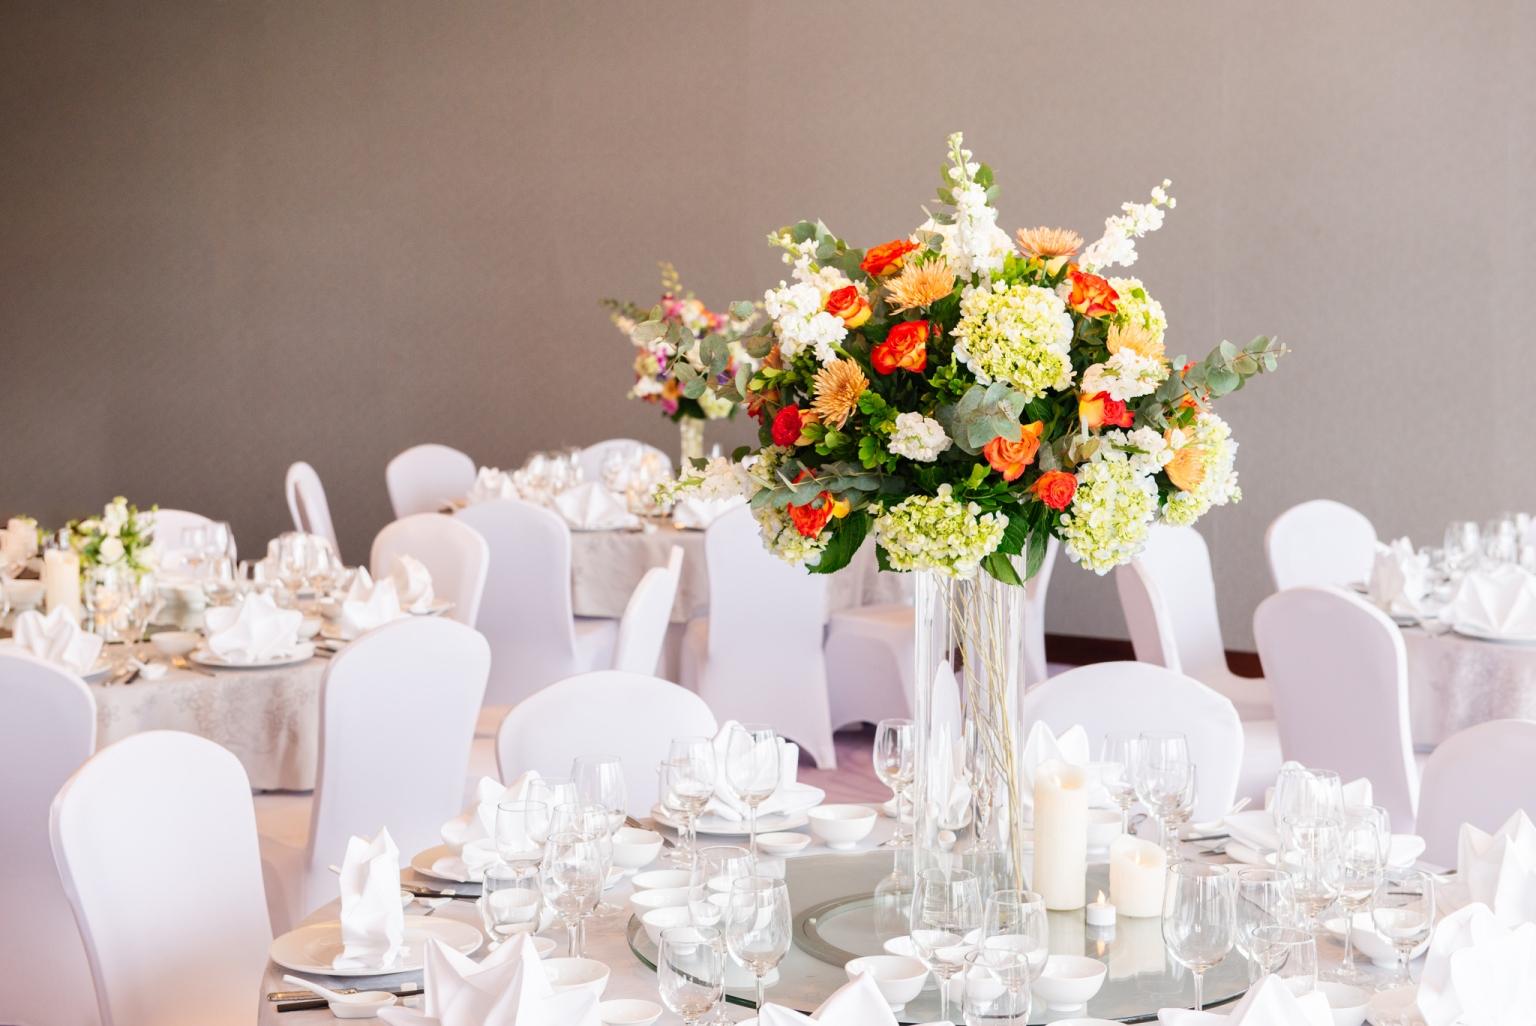 orange flower placement in Hanoi wedding banquet